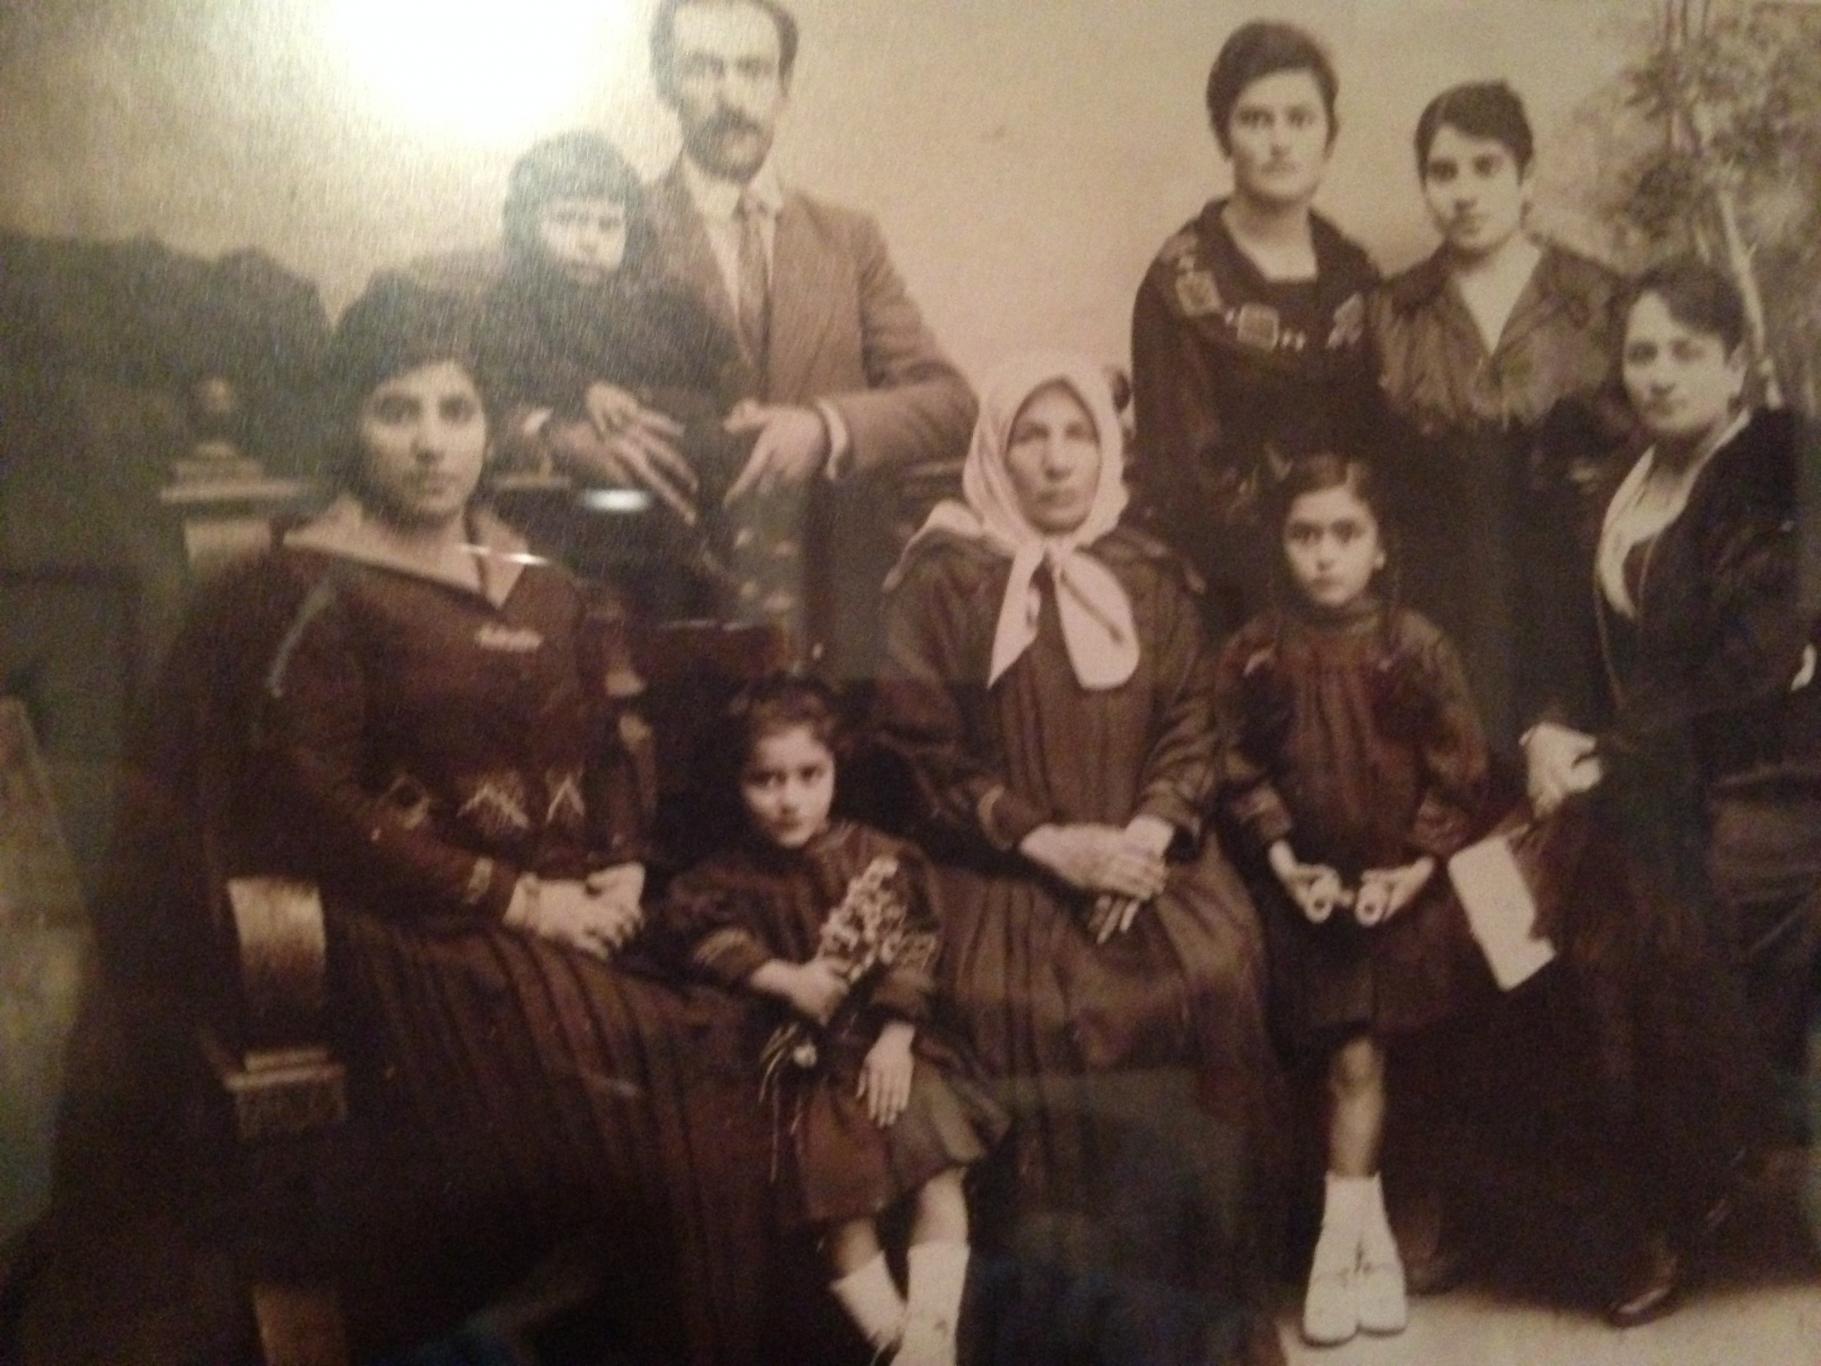 מרחב החיים והמתים בקונסטלציה המשפחתית